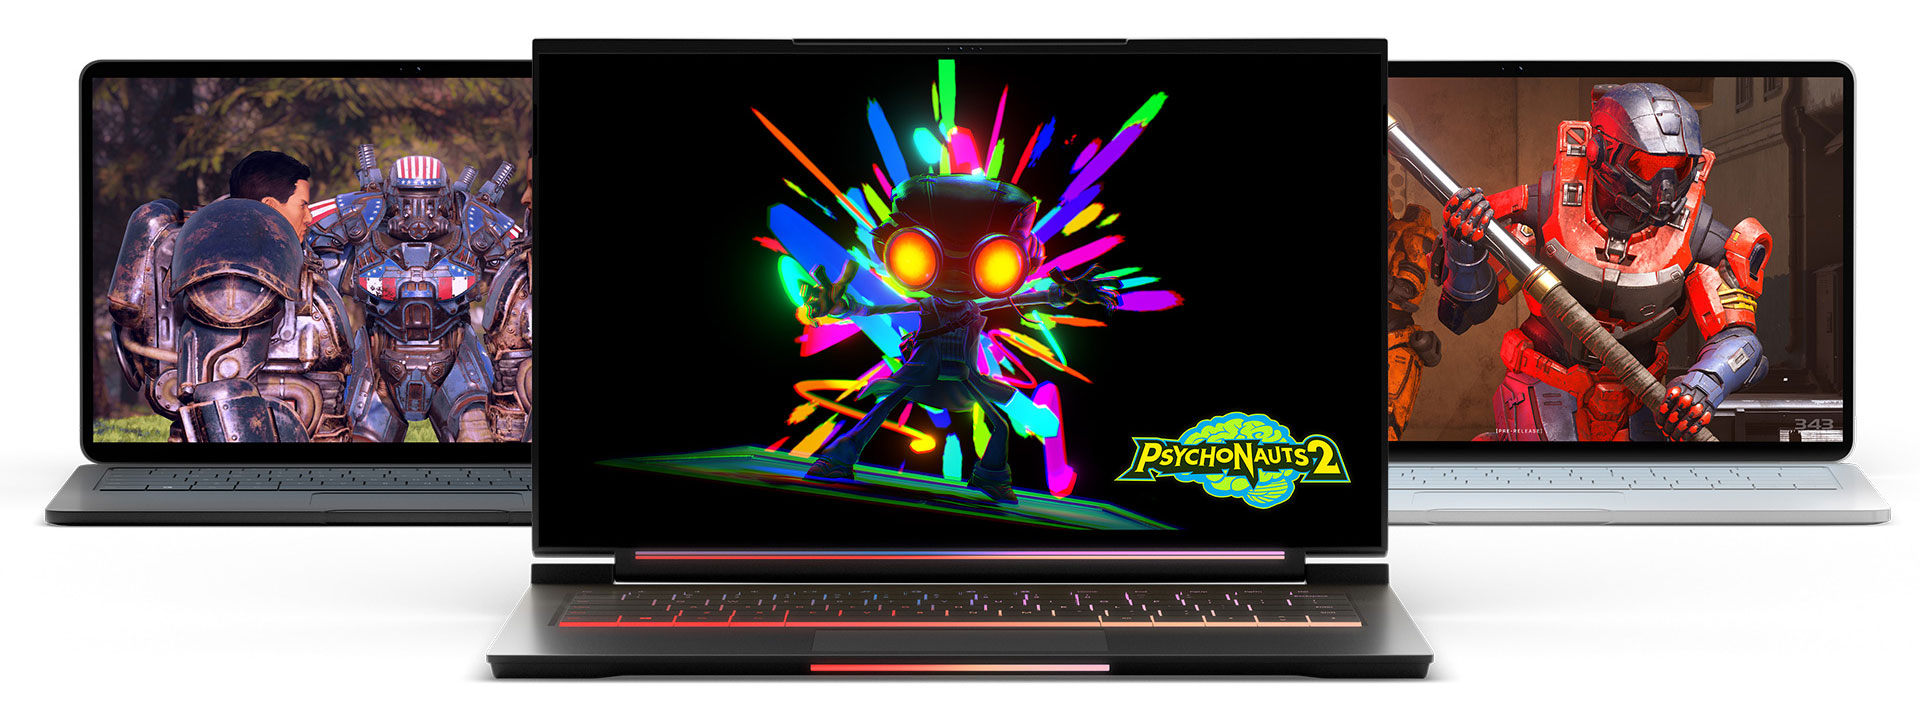 3 מחשבים ניידים עם משחקי וידאו על המסך